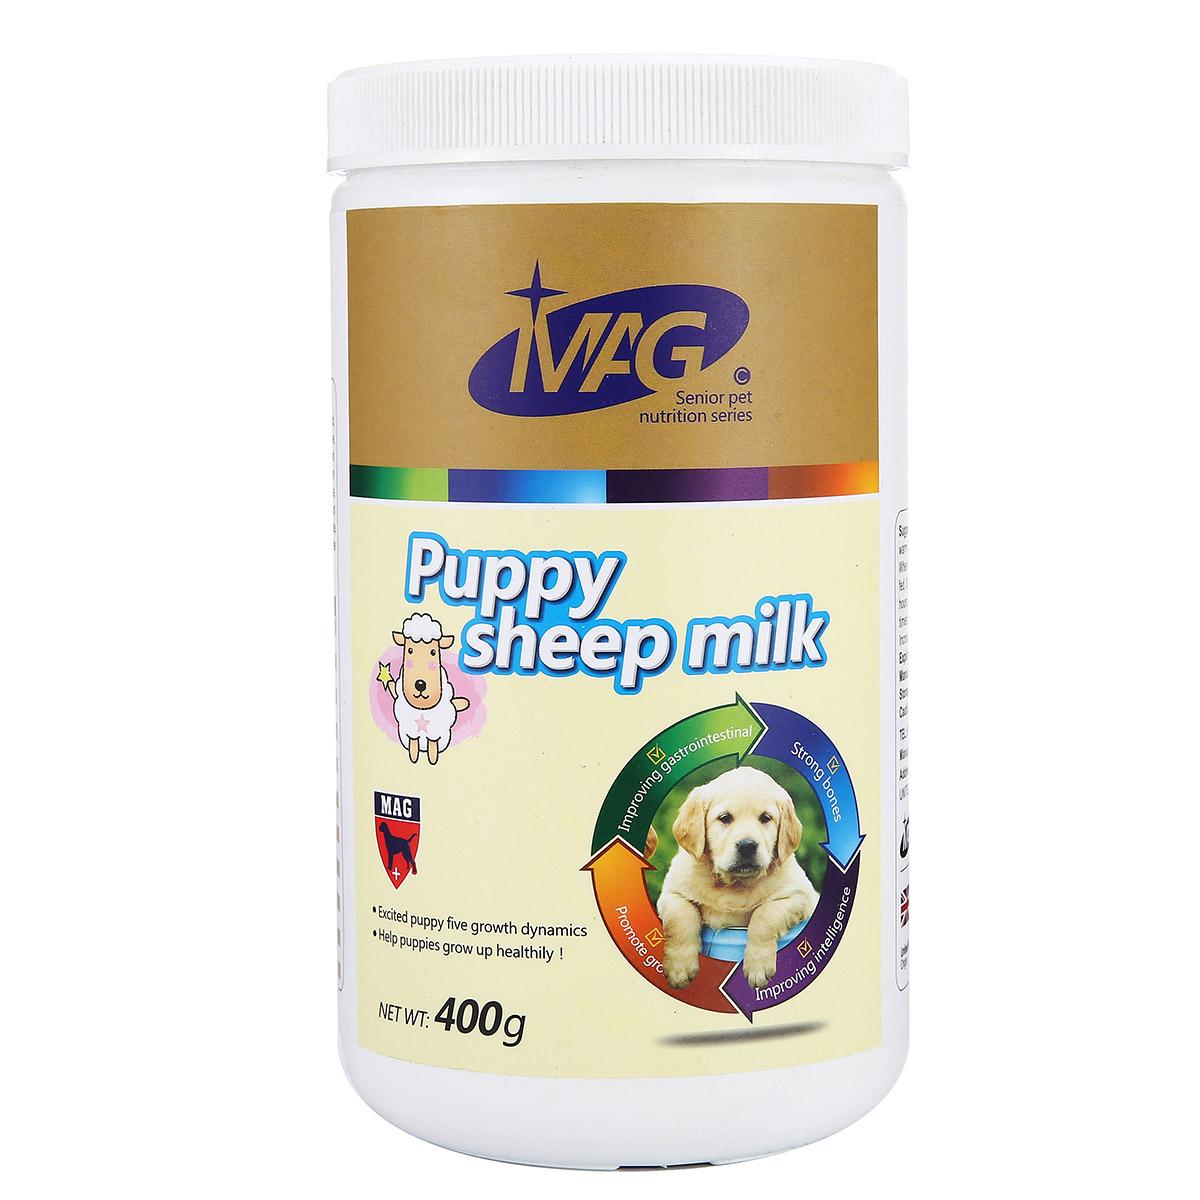 波奇網 寵物營養品寵物羊奶粉MAG幼犬山羊奶粉400g泰迪 24省包郵